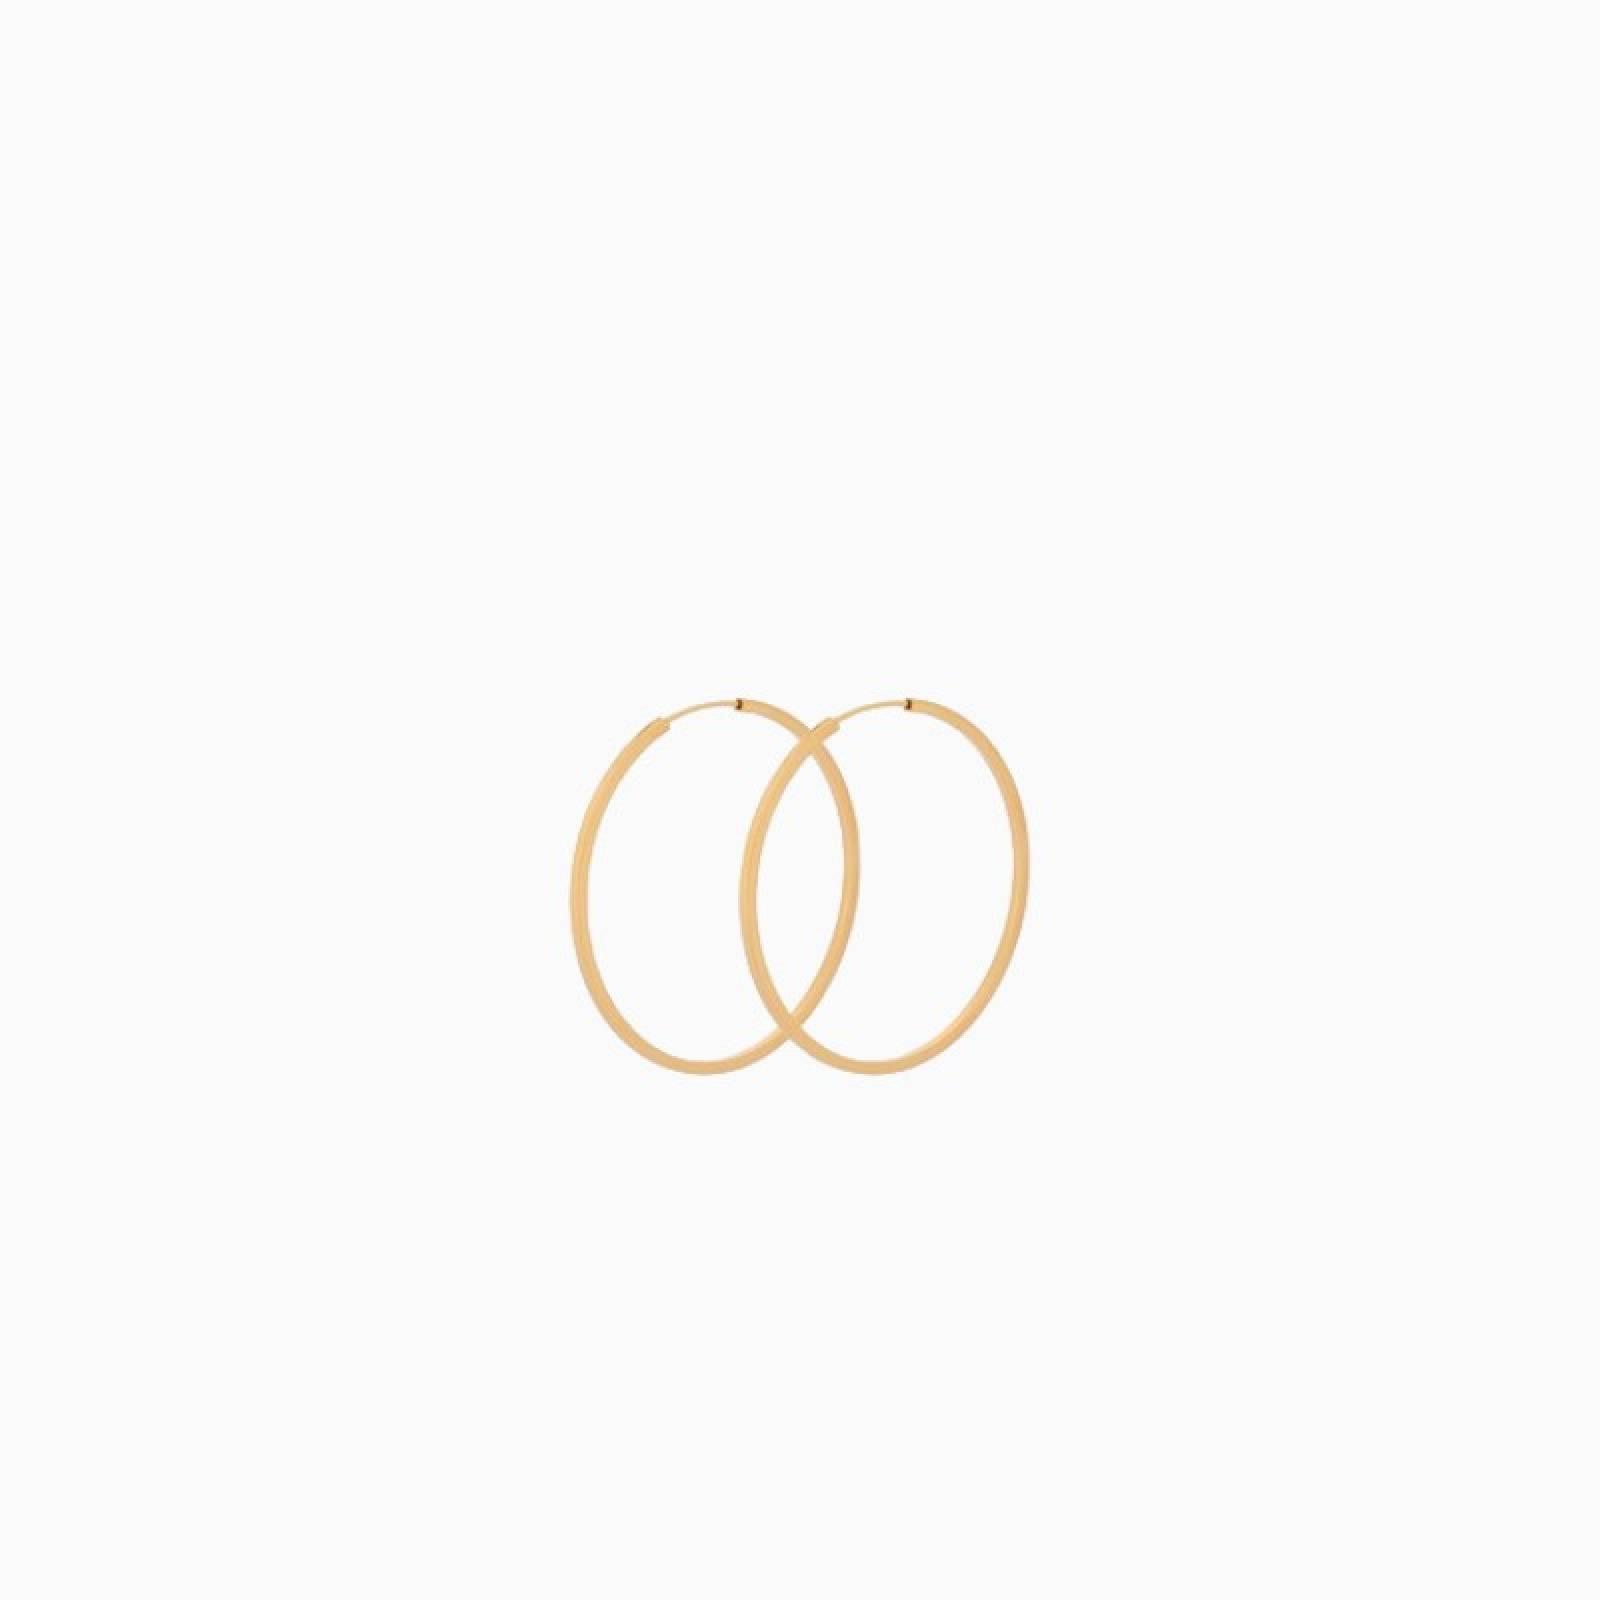 Small Orbit Hoop Earrings In Gold By Pernille Corydon